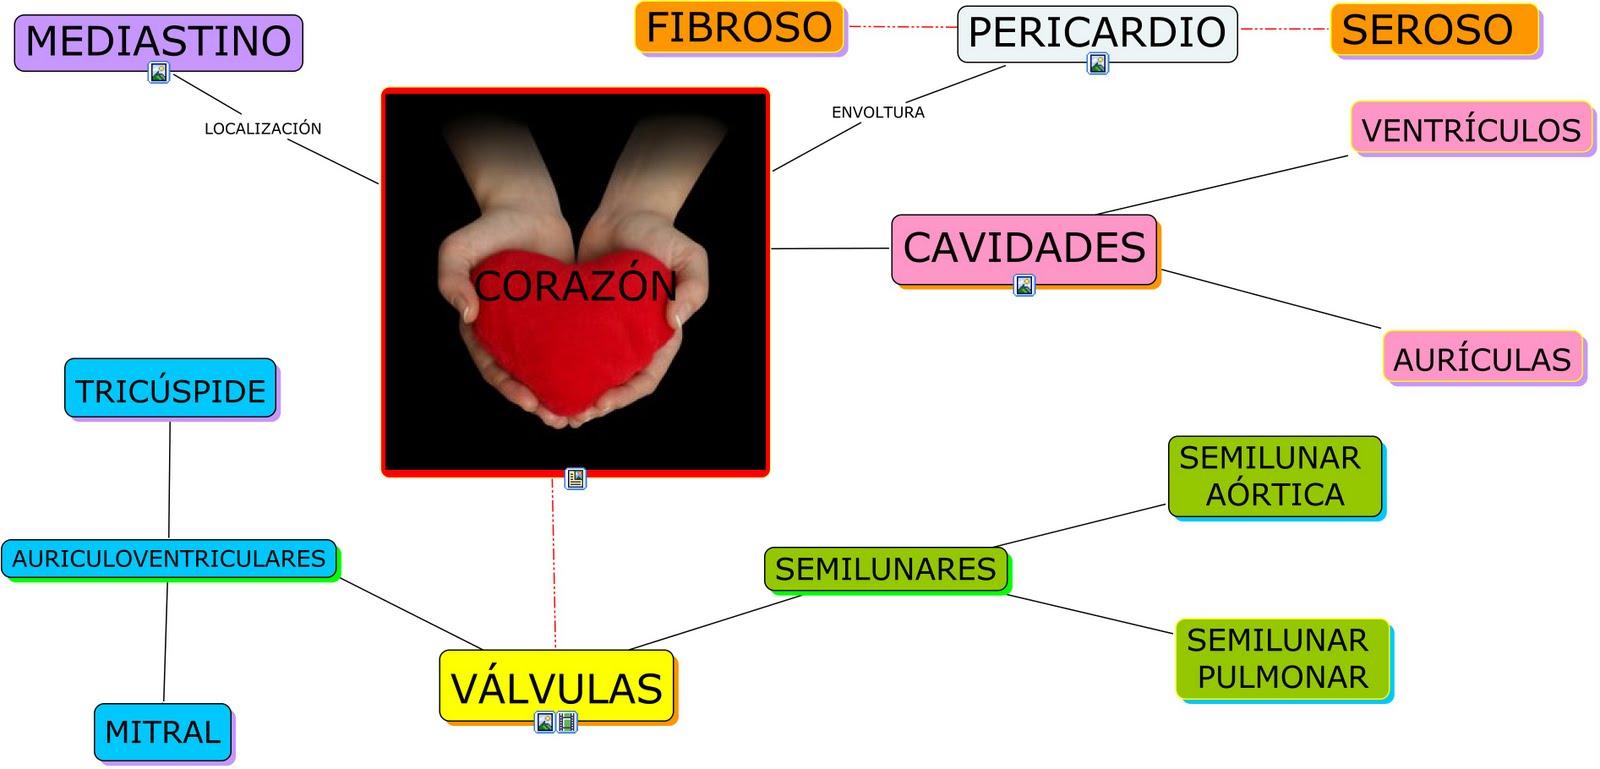 chivanafis2010: Mapa conceptual de la Anatomía del corazón, en cmap ...